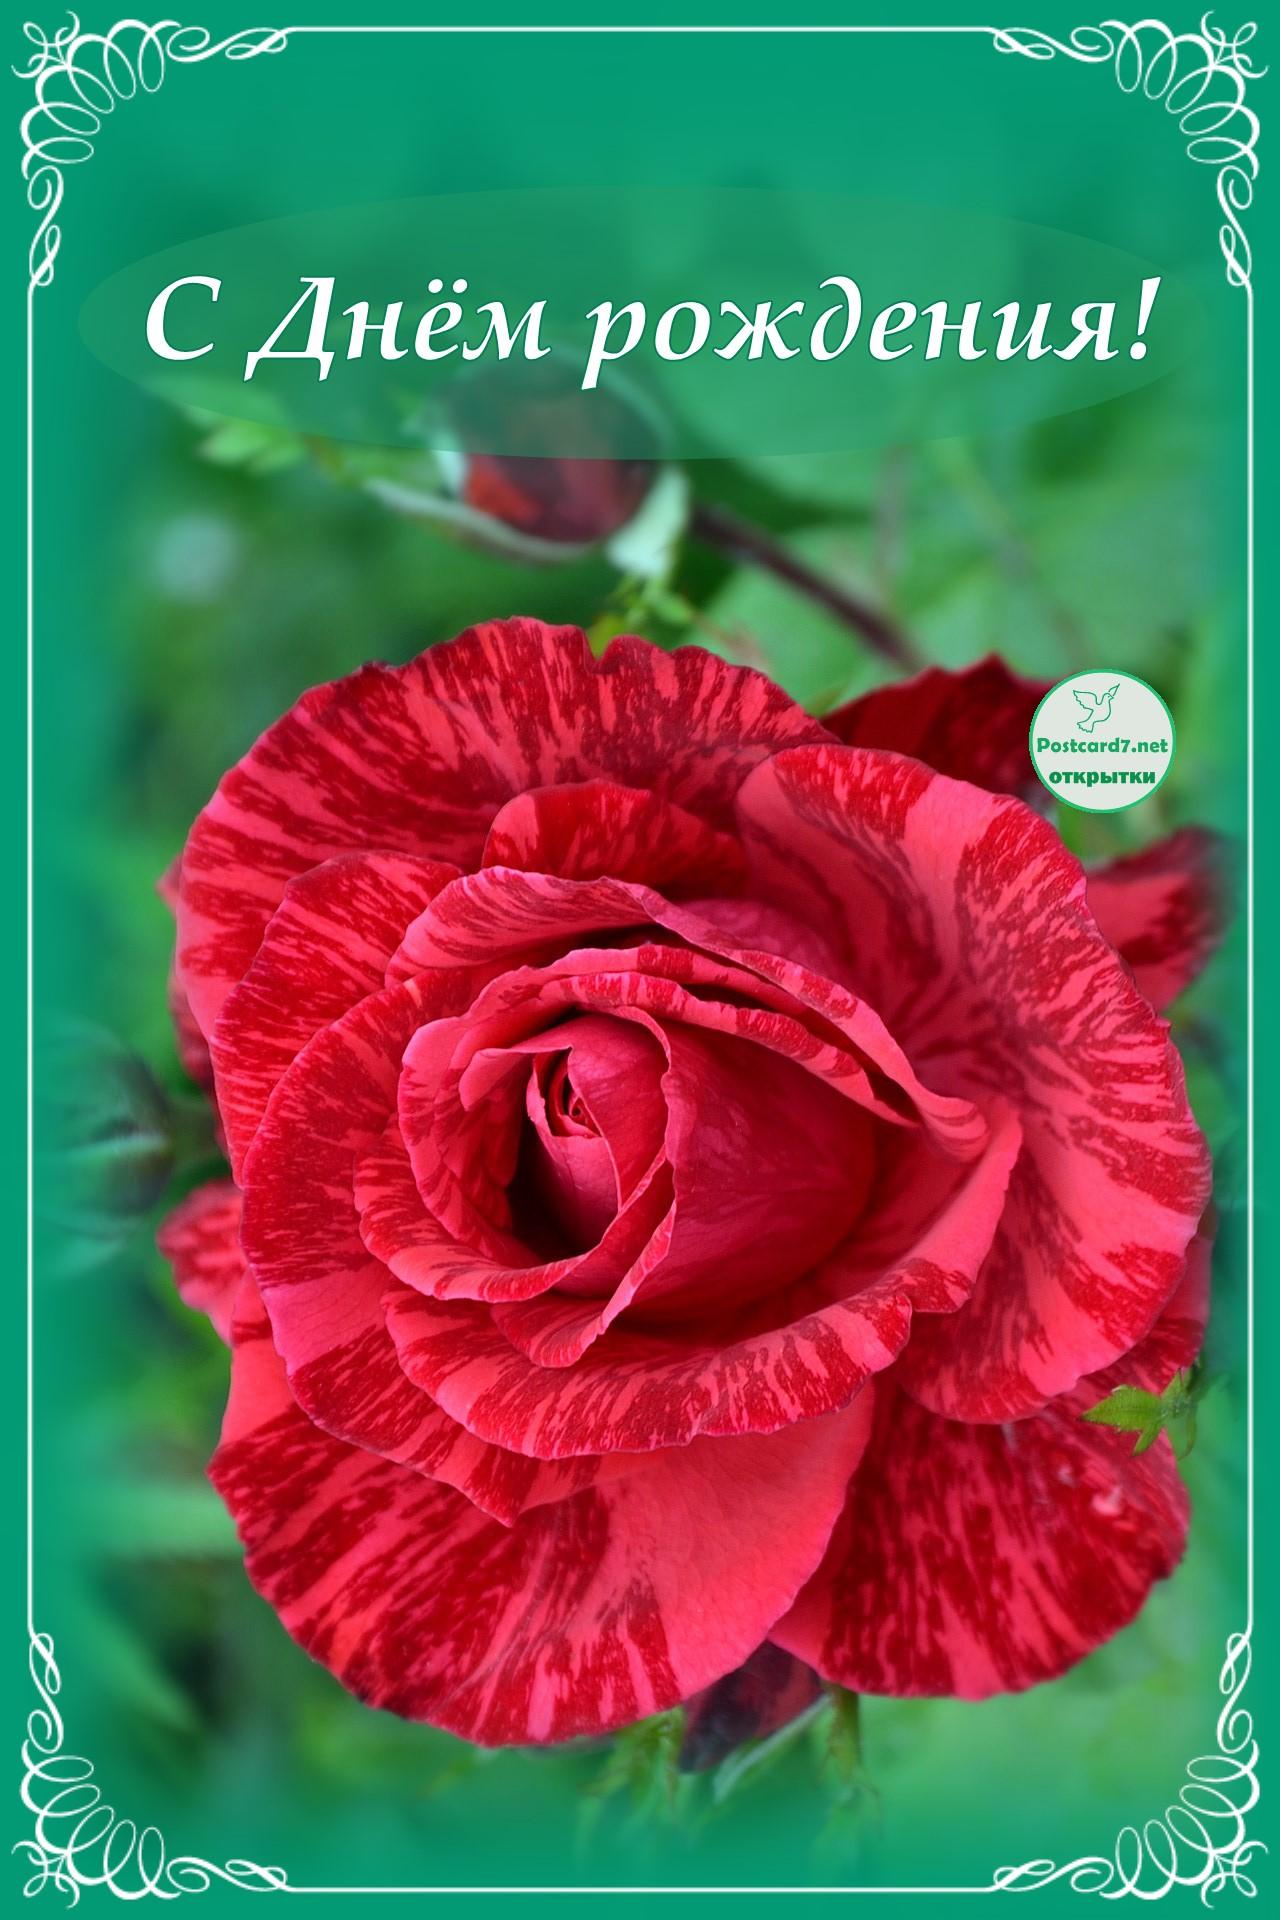 Ярко-красная роза, открытка, С Днём рождения